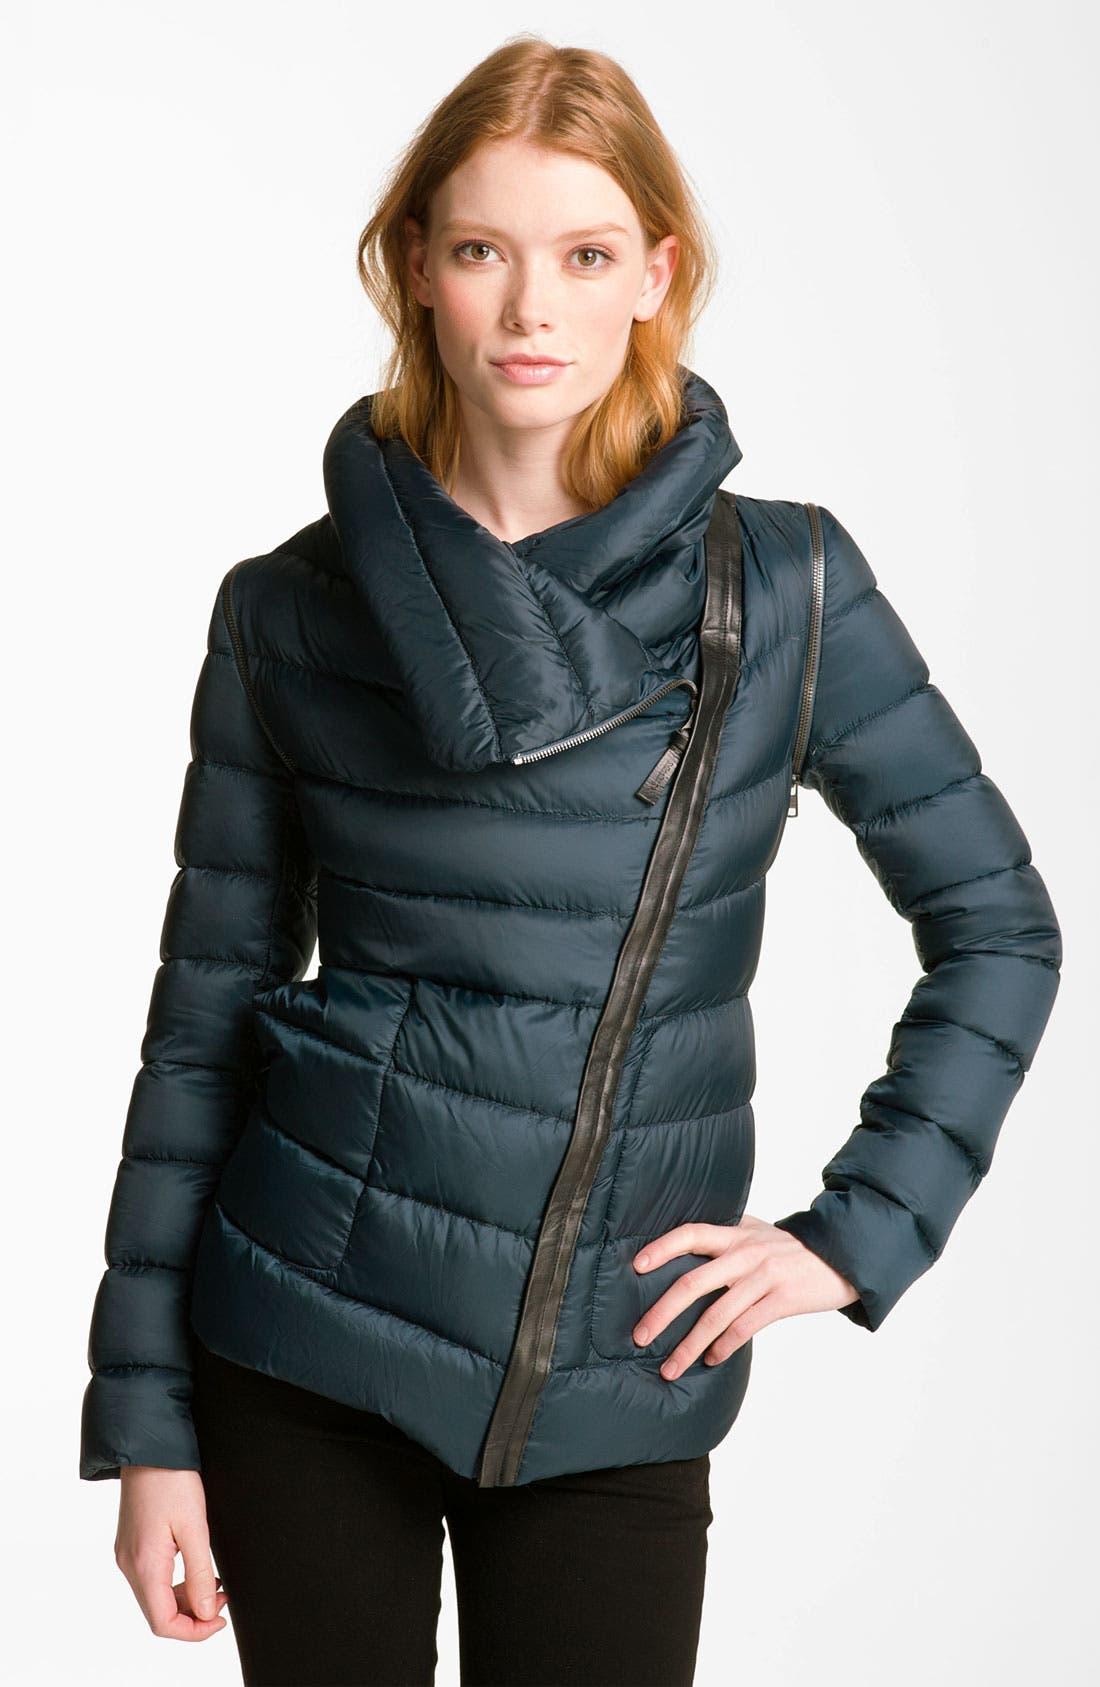 Alternate Image 1 Selected - Mackage Asymmetrical Zip Down Jacket